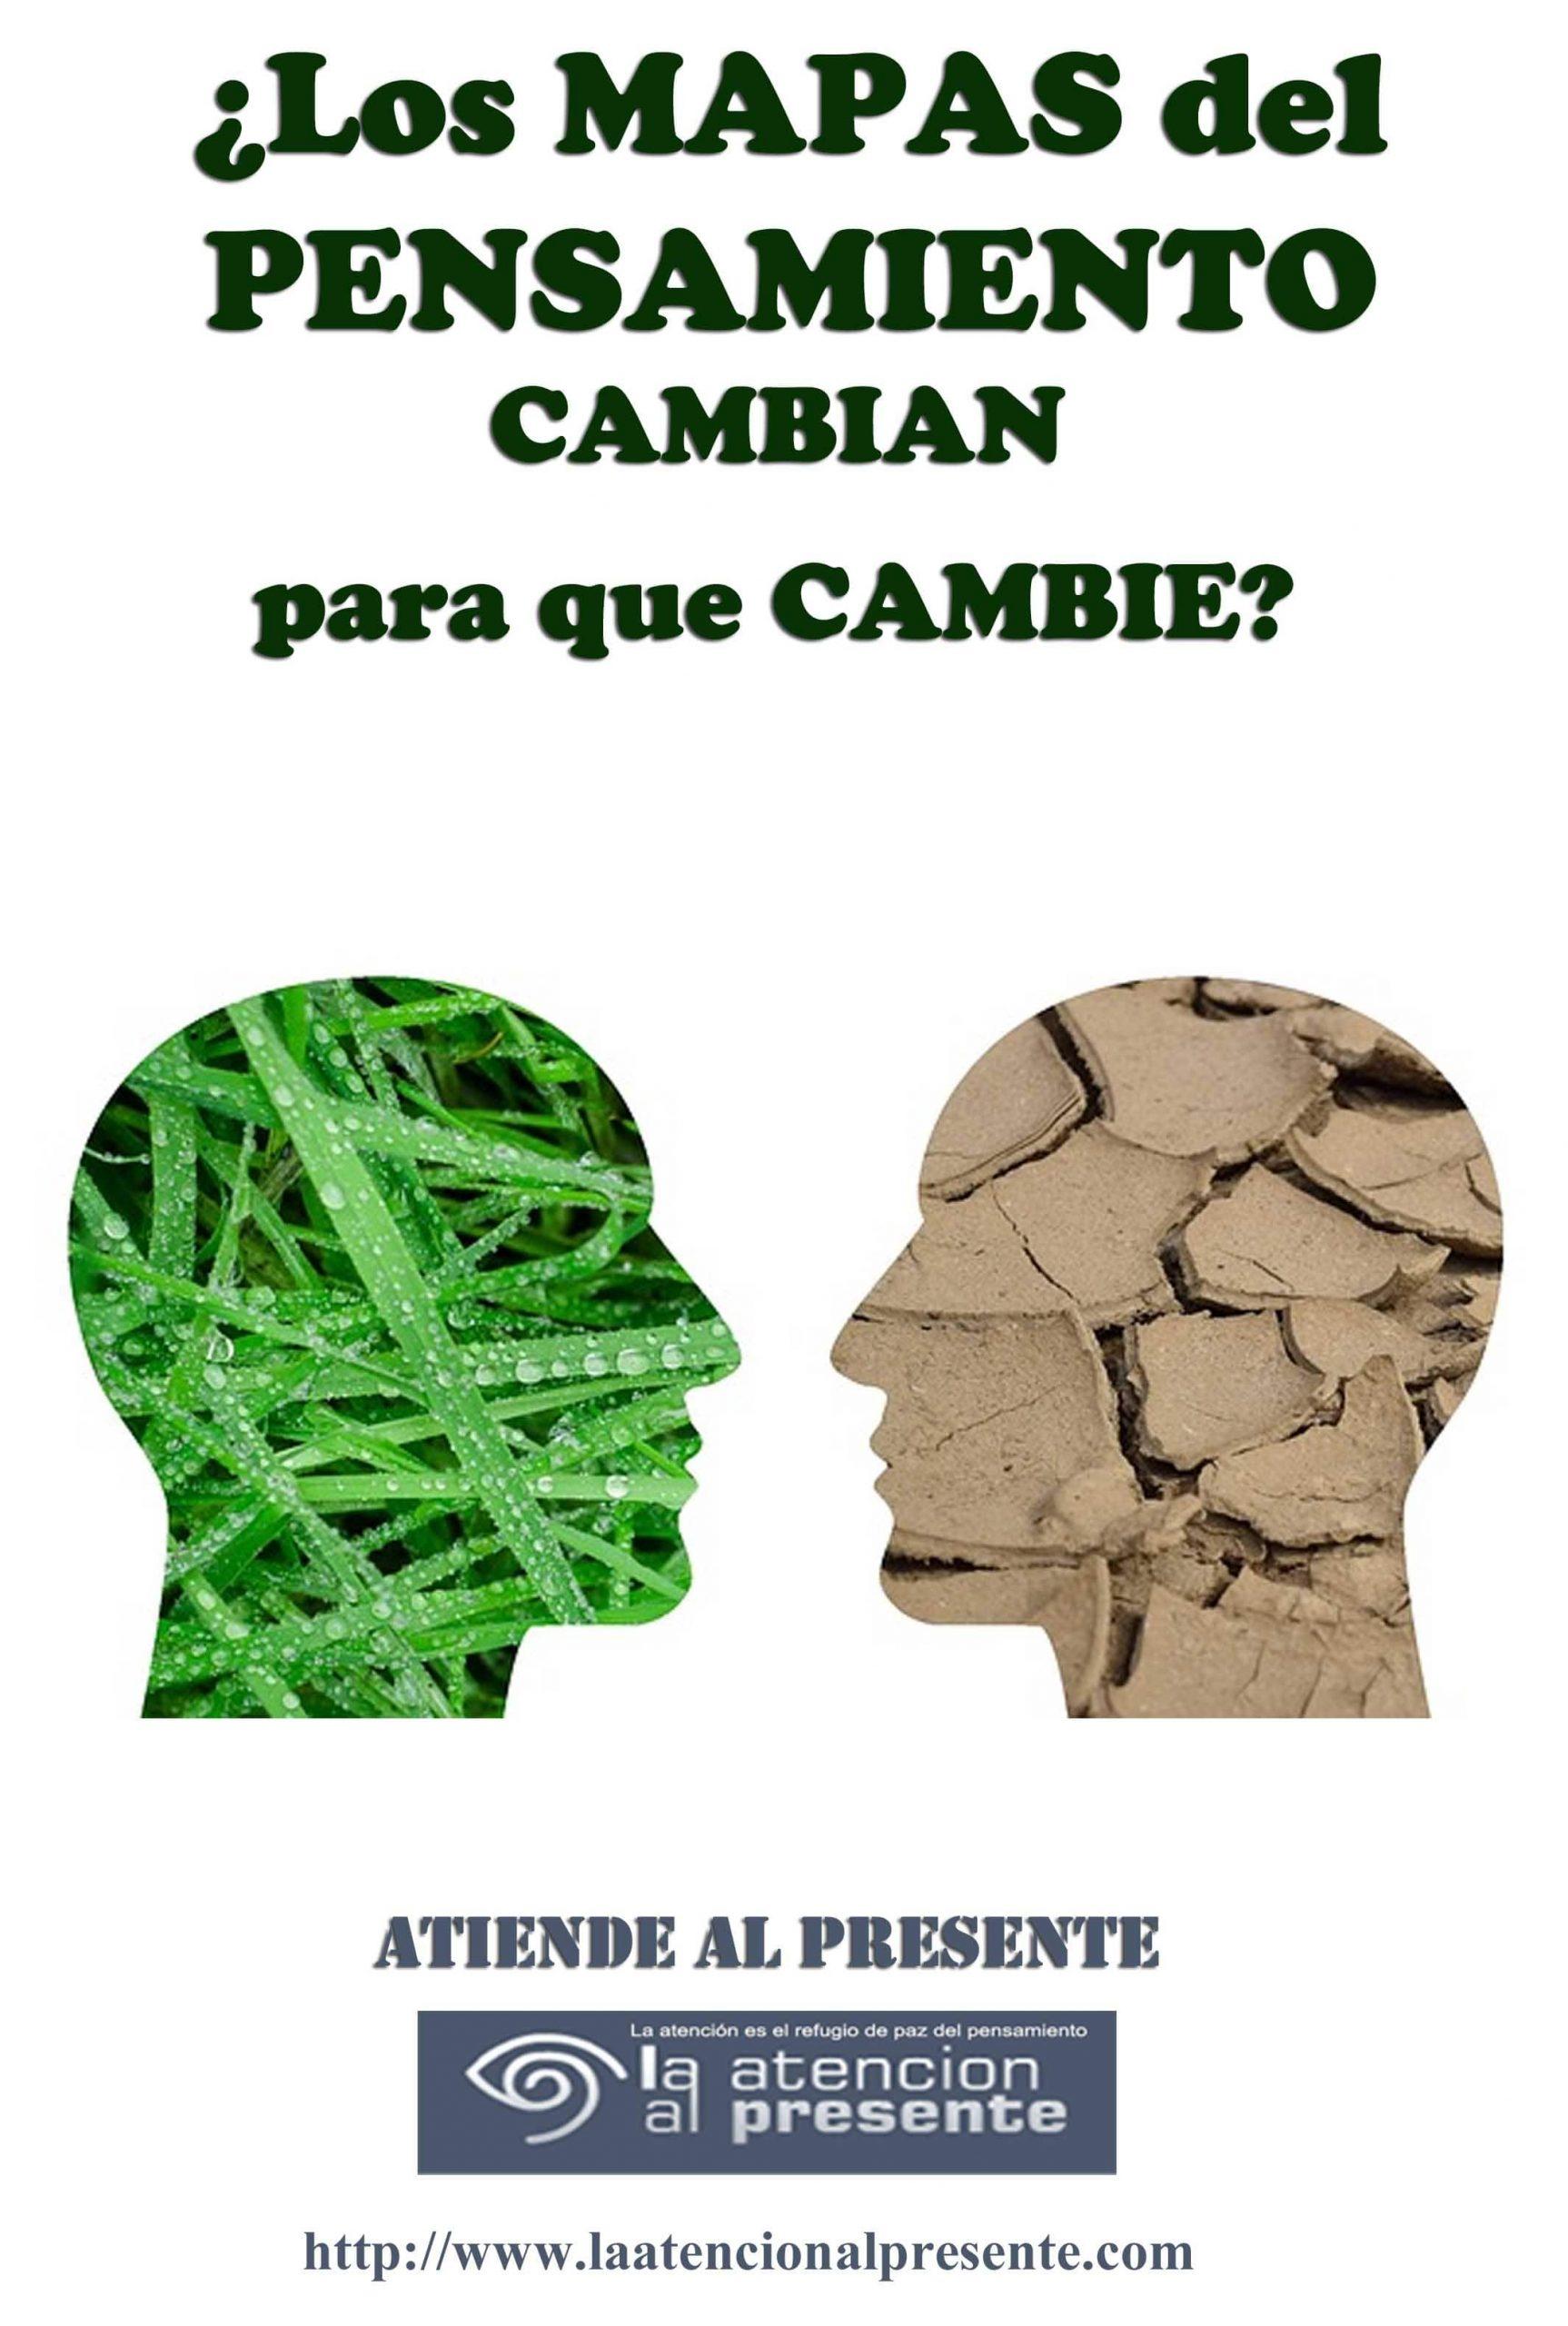 5 de agosto Esteban Los MAPAS del PENSAMIENTO CAMBIAN para que CAMBIE min scaled